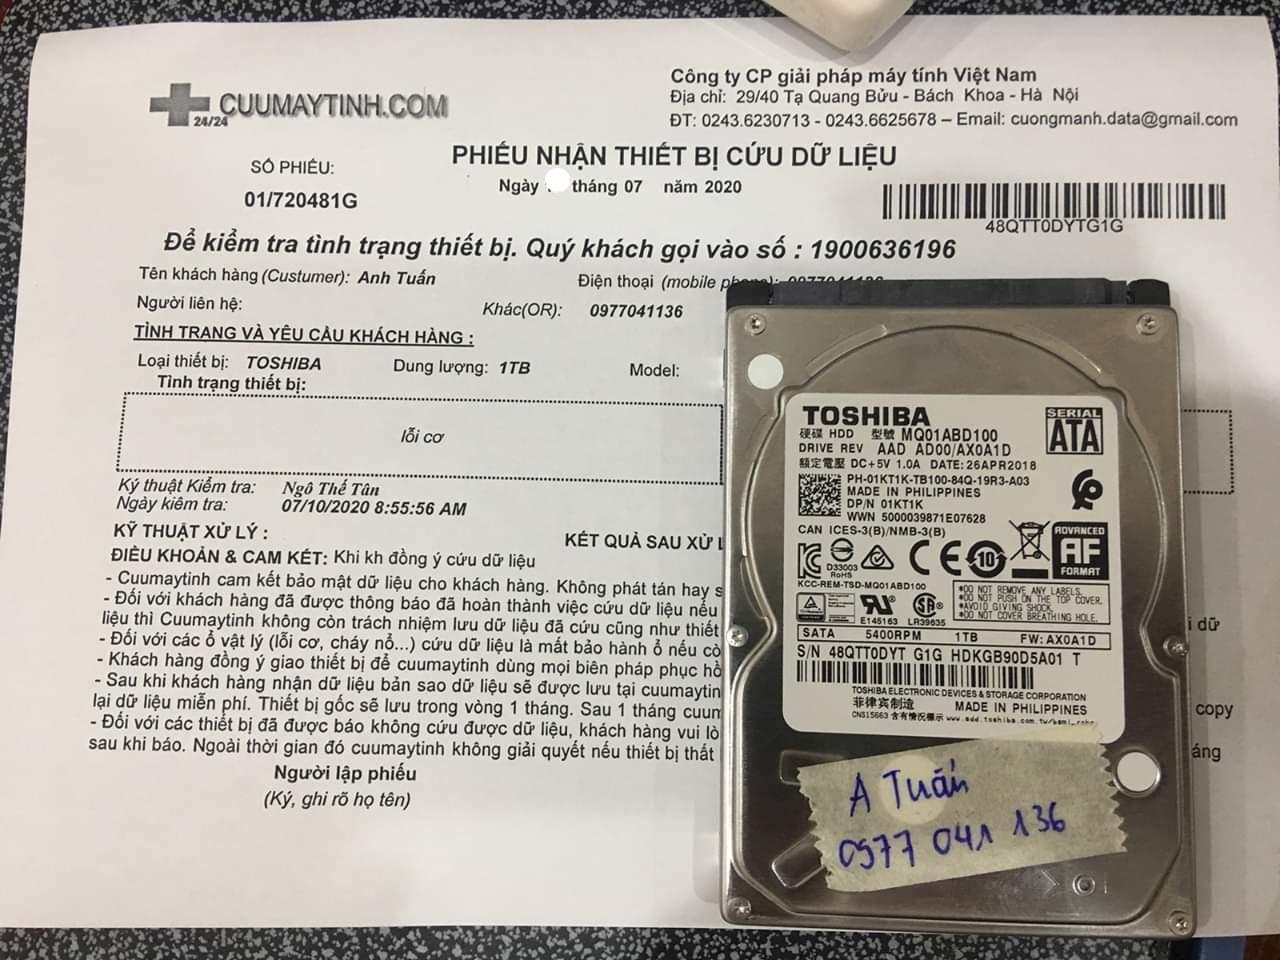 Khôi phục dữ liệu ổ cứng Toshiba 1TB lỗi cơ 20/07/2020 - cuumaytinh